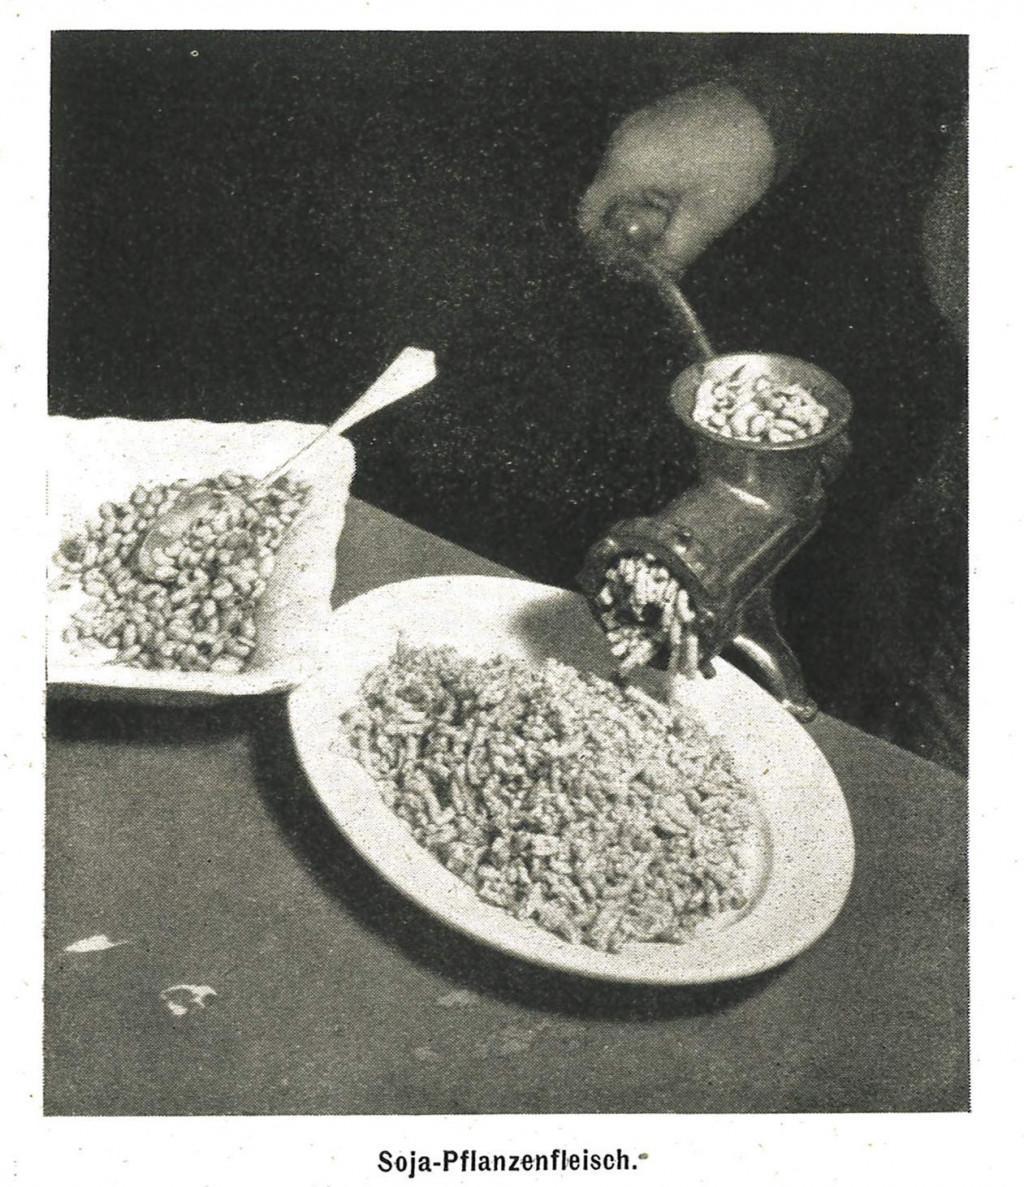 """Die mit """"Soja-Pflanzenfleisch"""" untertitelte Abbildung aus dem Buch """"Wiener Soja-Küche"""" zeigt eine Fotografie, in der Soja mittels einer handbetriebenen Fleischwolfanlage verarbeitet wird."""